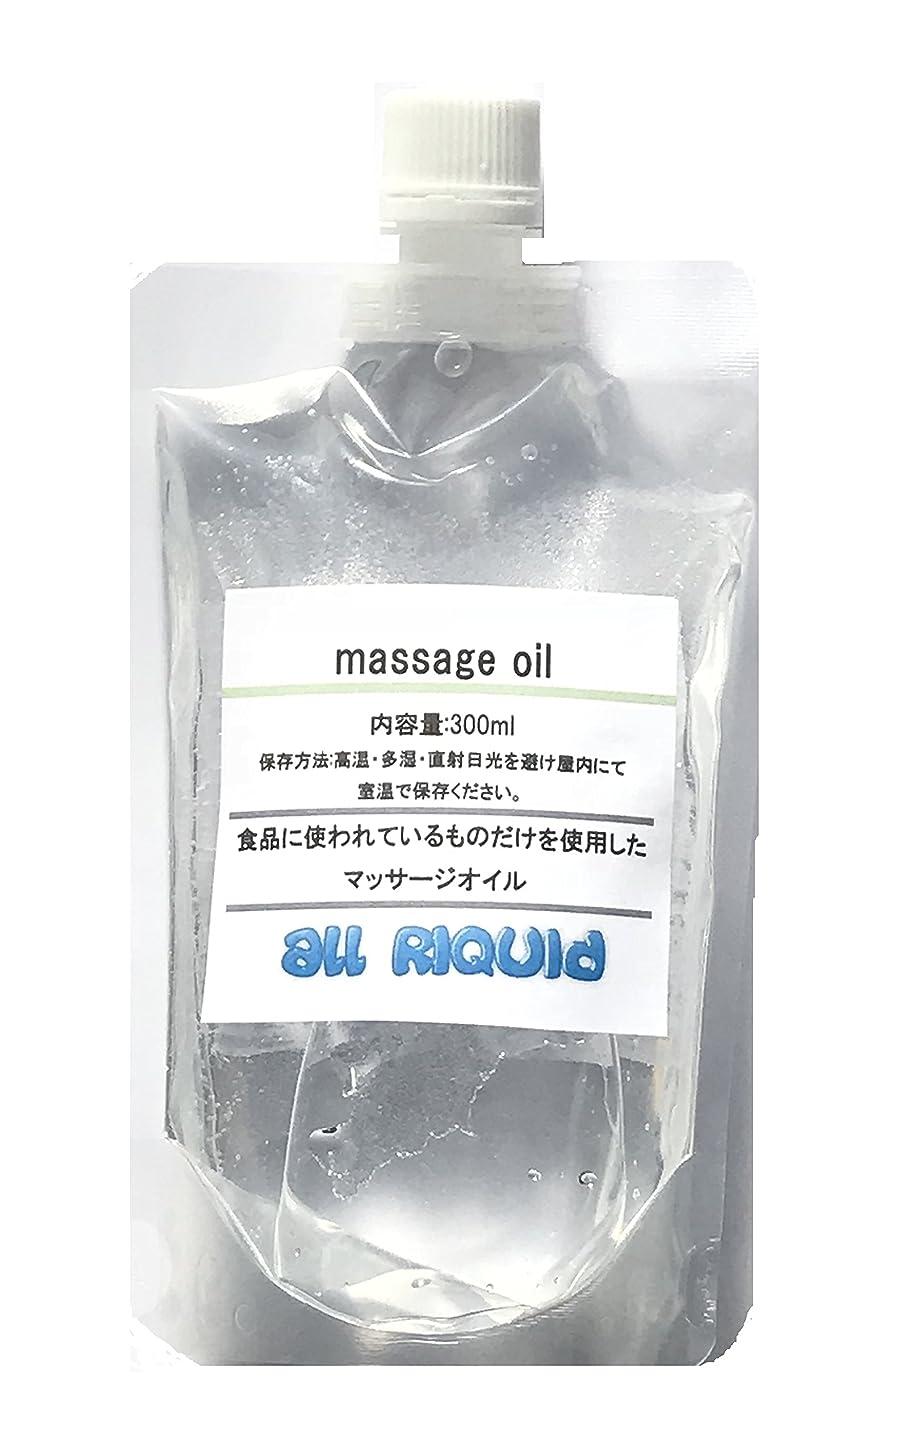 傾向があるミシン目ノベルティ(国産) 食品に使われているものしか入っていないアロママッサージオイル 優雅 ローズオイル入り オールリキッド 300ml (グリセリン クエン酸) 配合 大容量